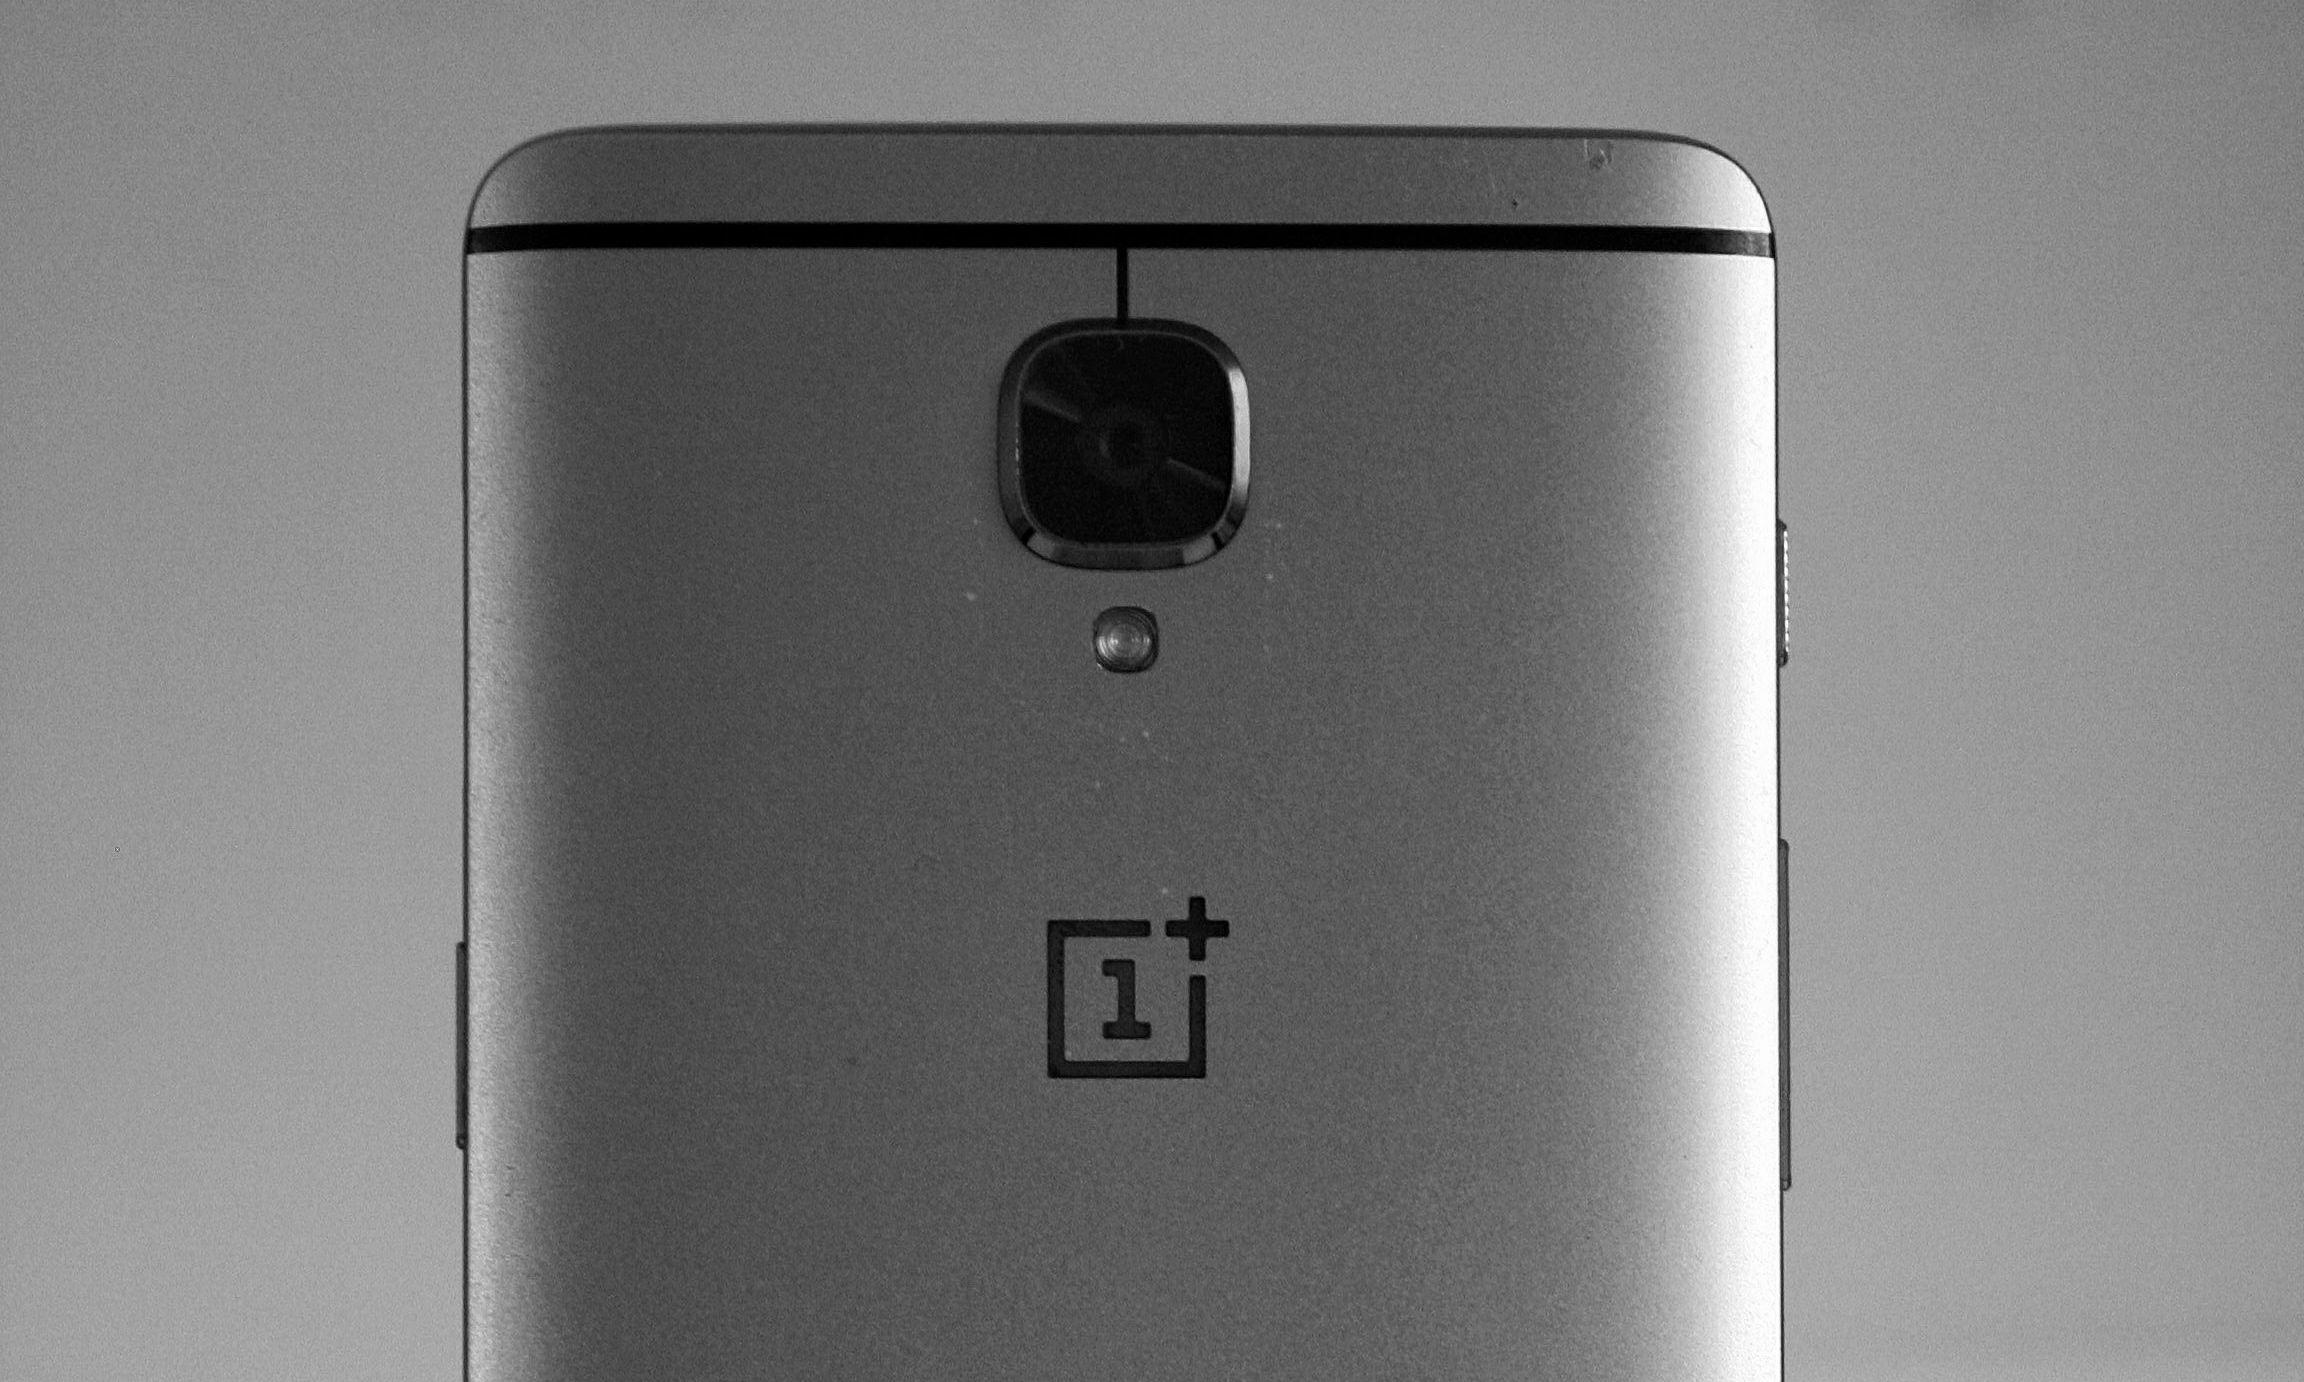 OnePlus 3 - recenzja po siedmiu miesiącach użytkowania. Zdecydowanie kupiłbym go ponownie 18